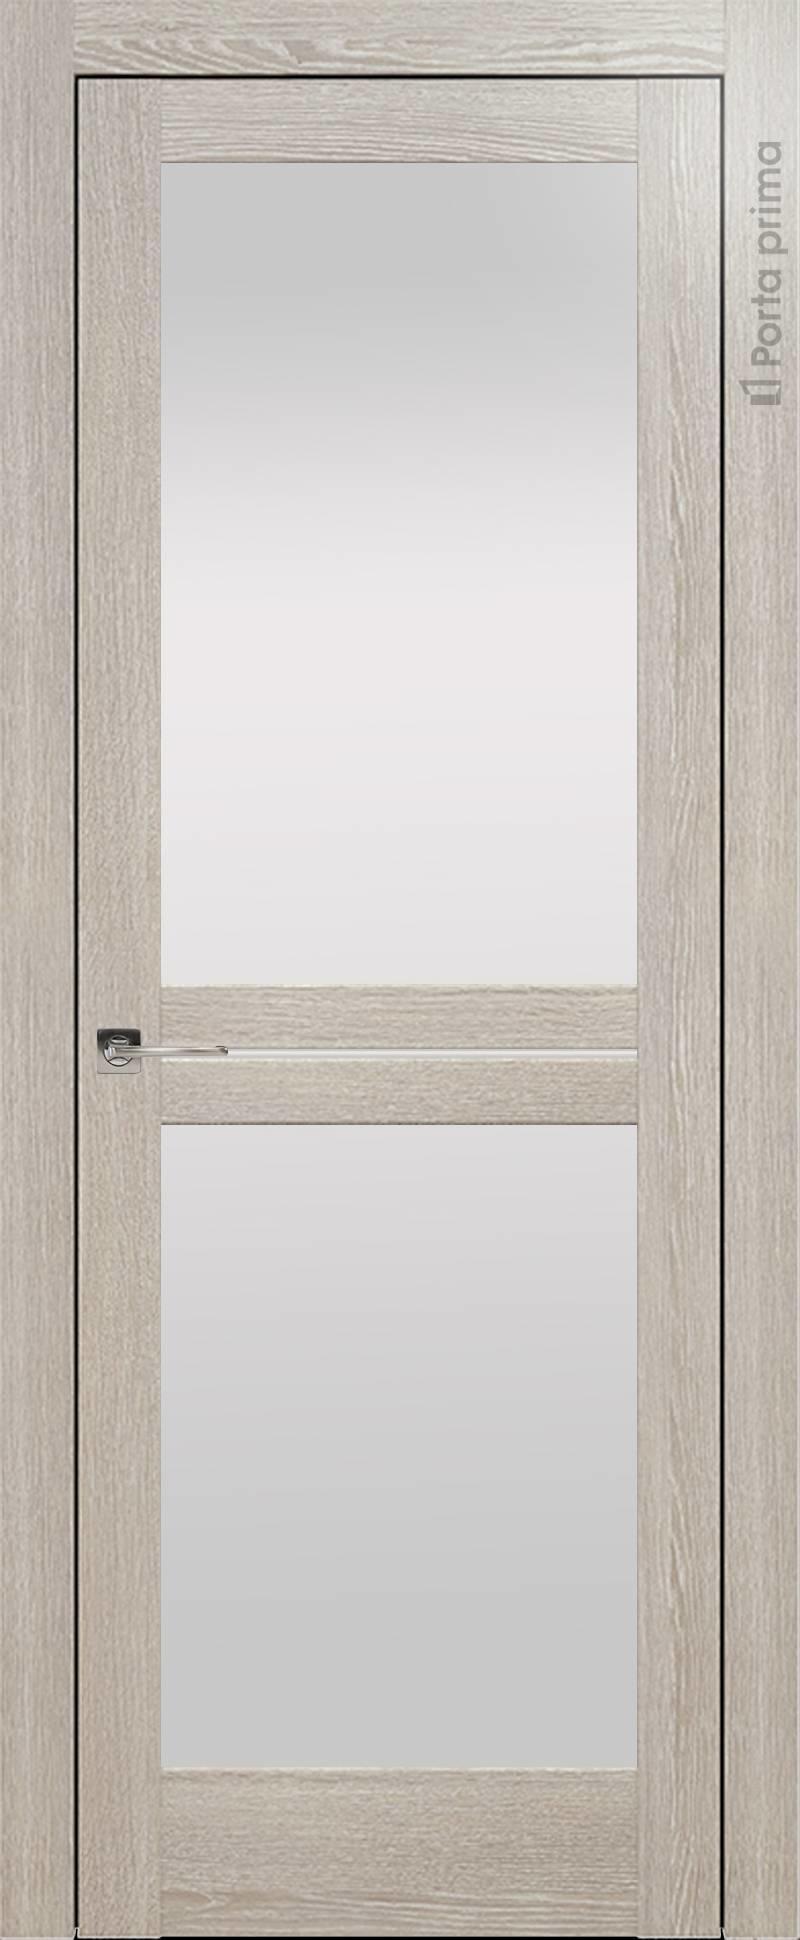 Elegante цвет - Серый дуб Со стеклом (ДО)